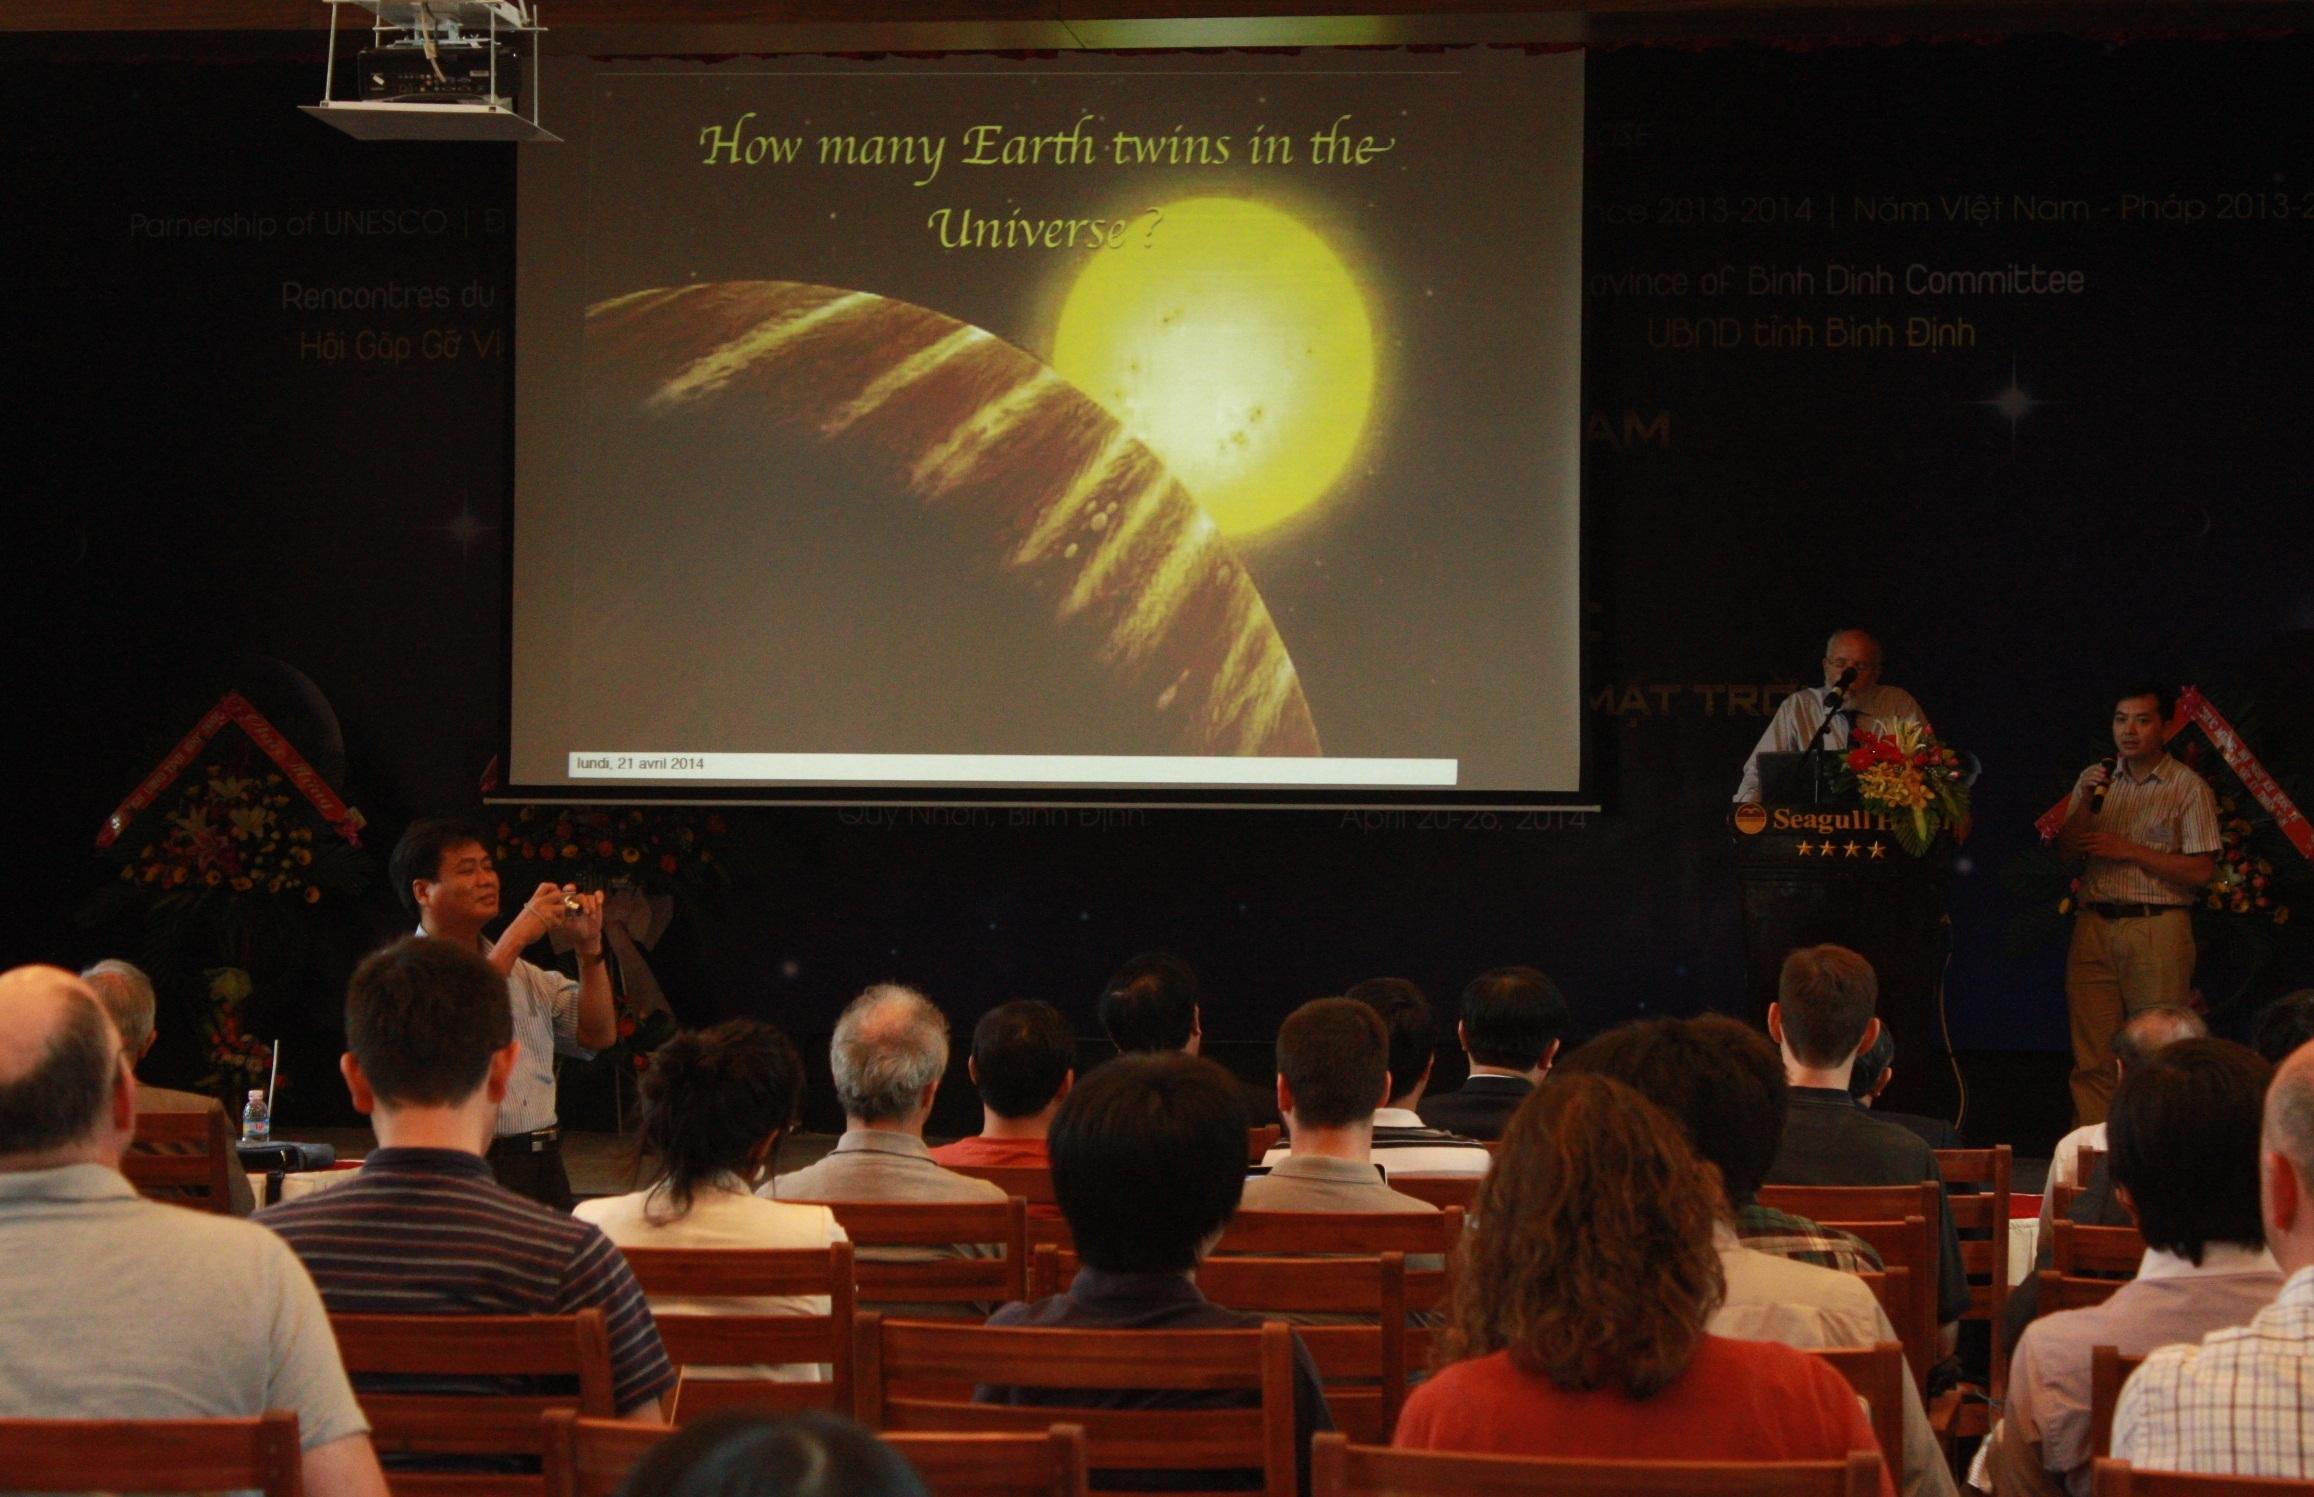 Có hay không các nền văn minh, sự sống đang tồn tại trong vũ trụ ngoài trái đất của chúng ta...